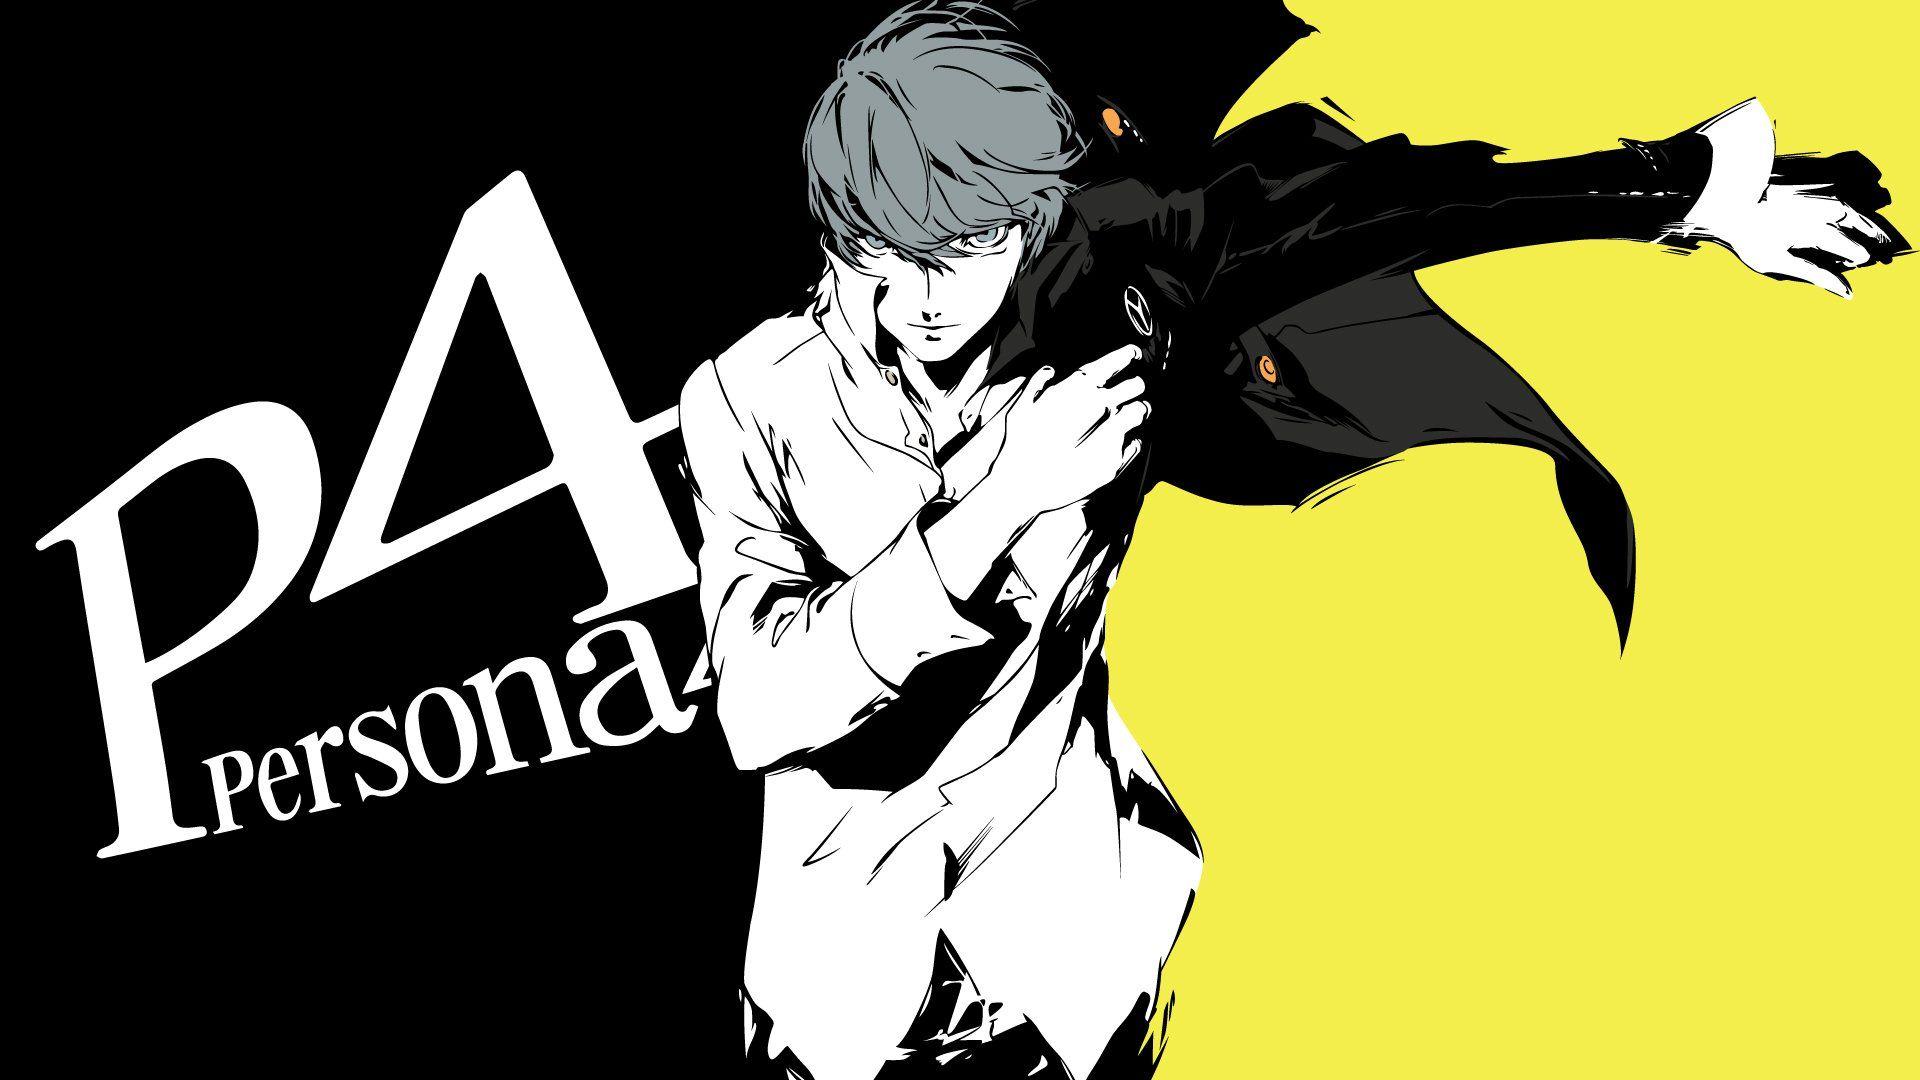 Persona Persona4 Yunarukami Soujiseta Persona 4 Wallpaper Persona 4 Persona